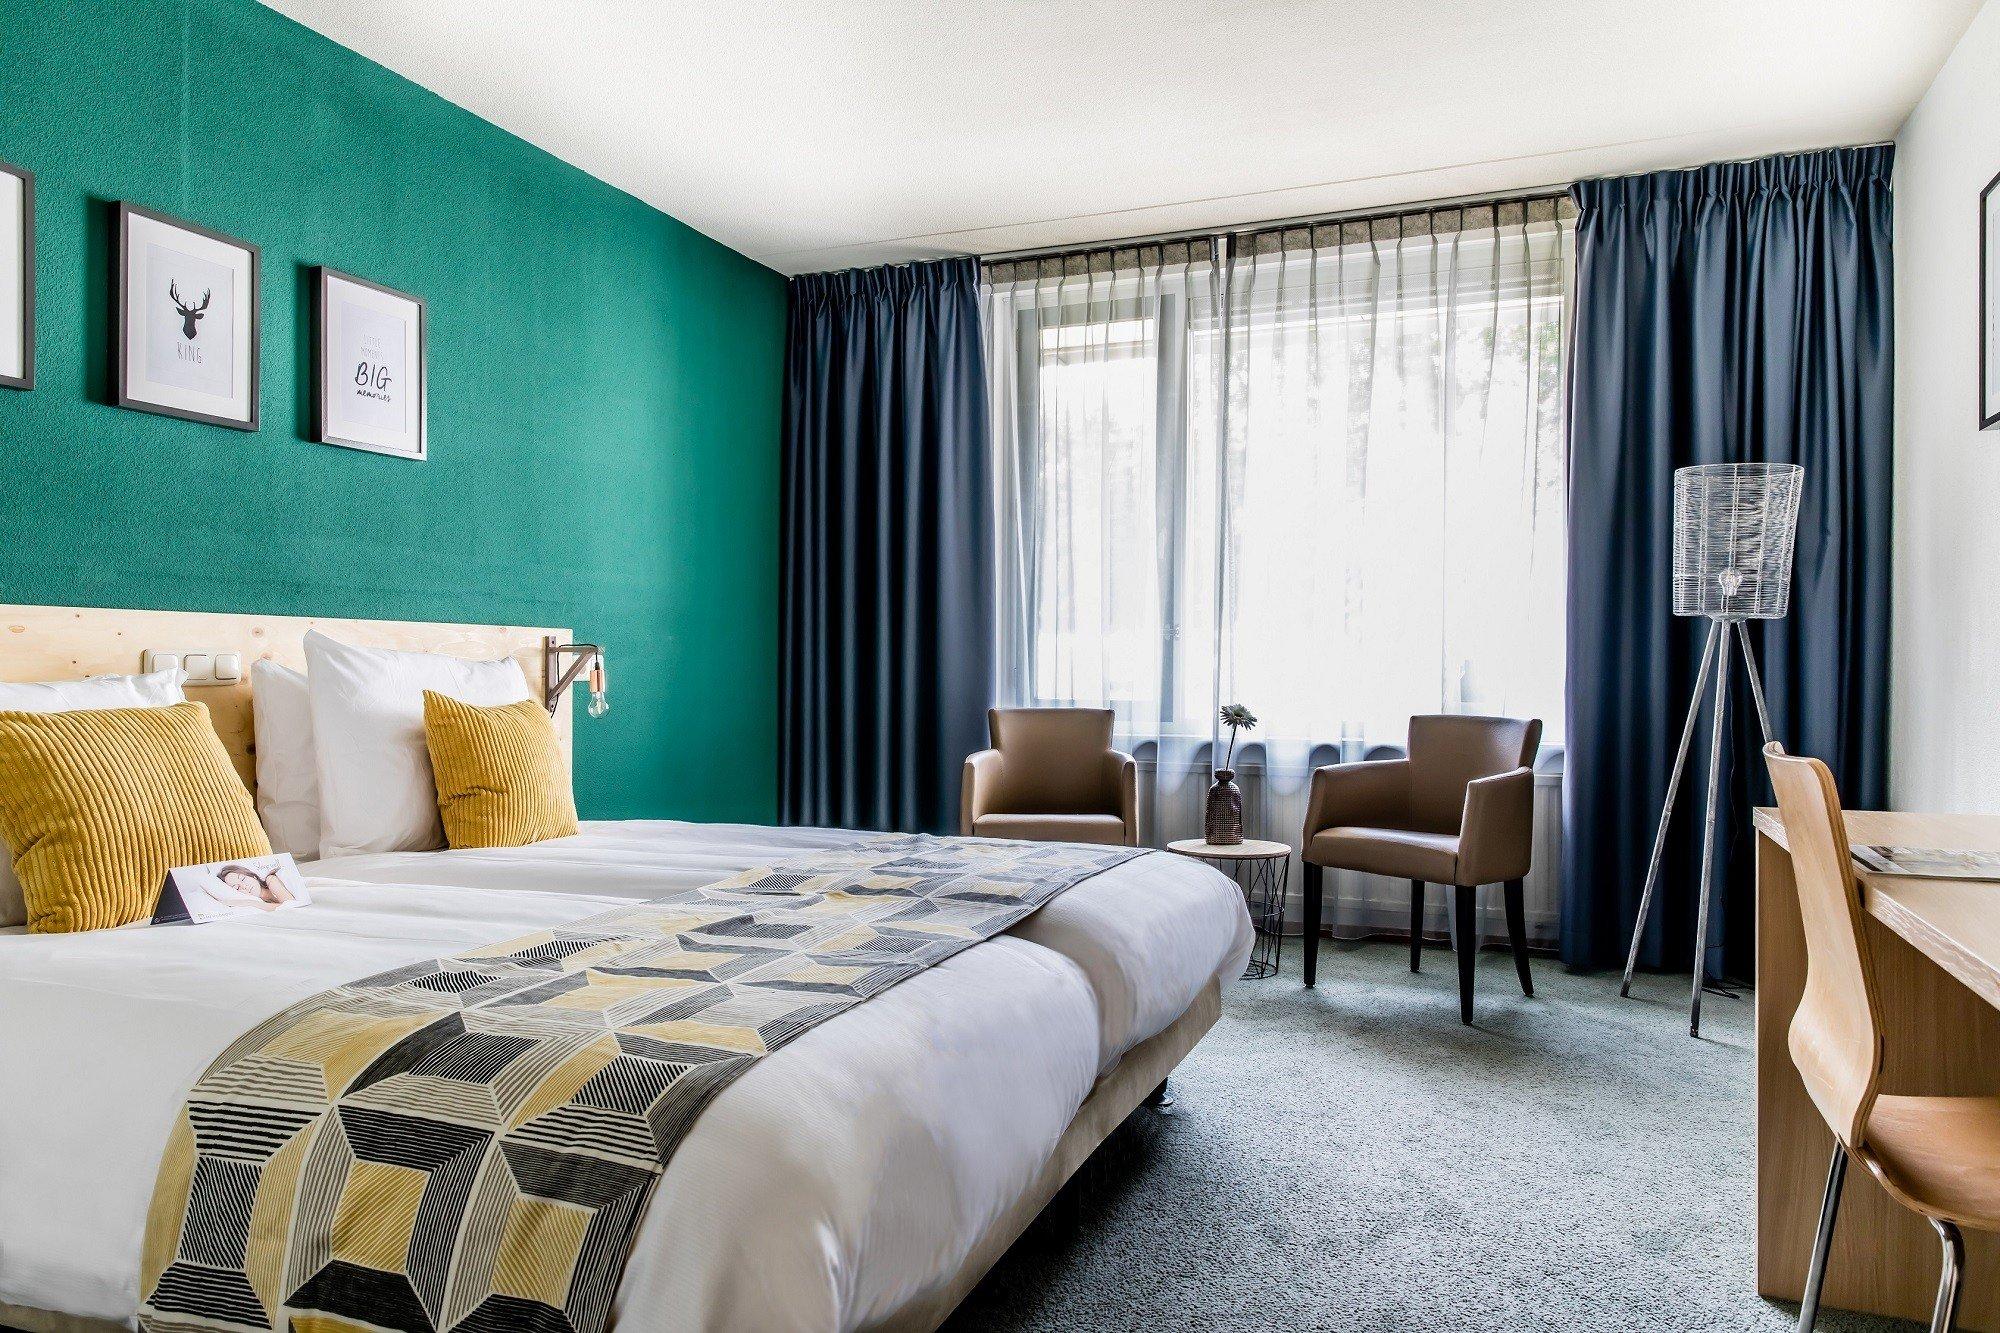 Dagaanbieding - TIJDELIJKE VELUWE DEAL! 3 of 4 dagen 4*-hotel op de Veluwe incl. ontbijt dagelijkse koopjes